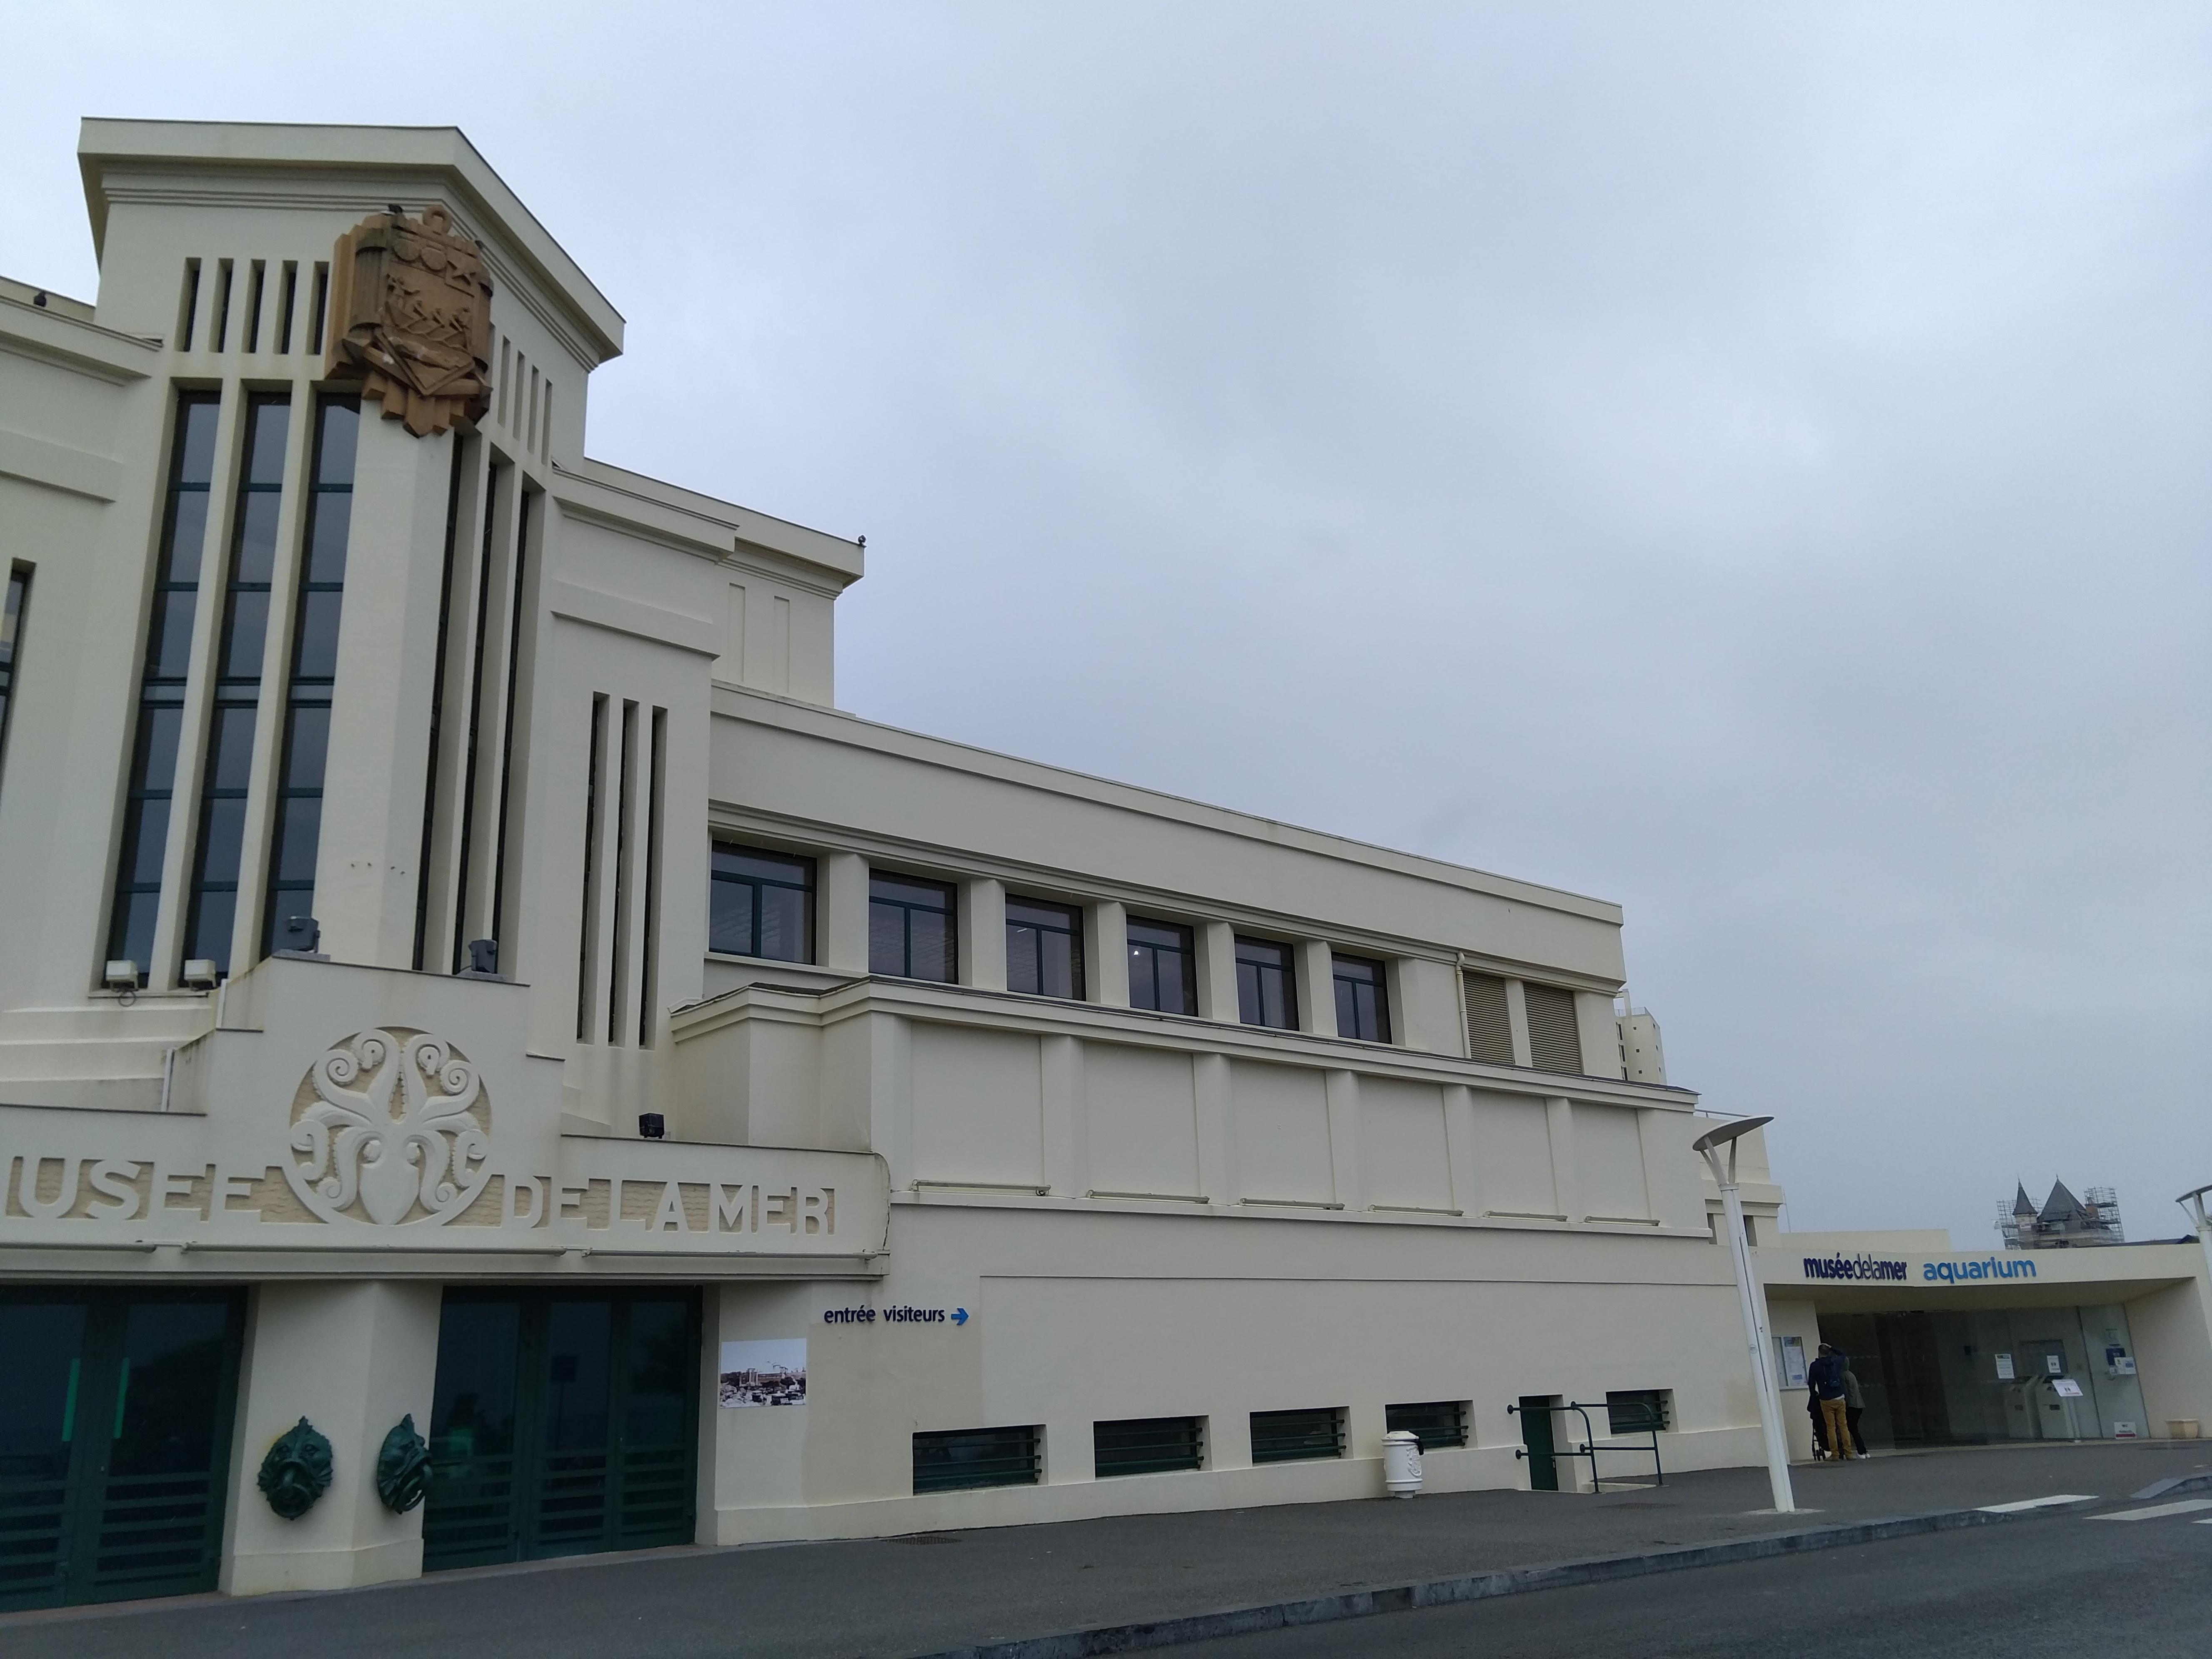 Aquarium de biarritz informaci n y consejos for Acuarios zona norte